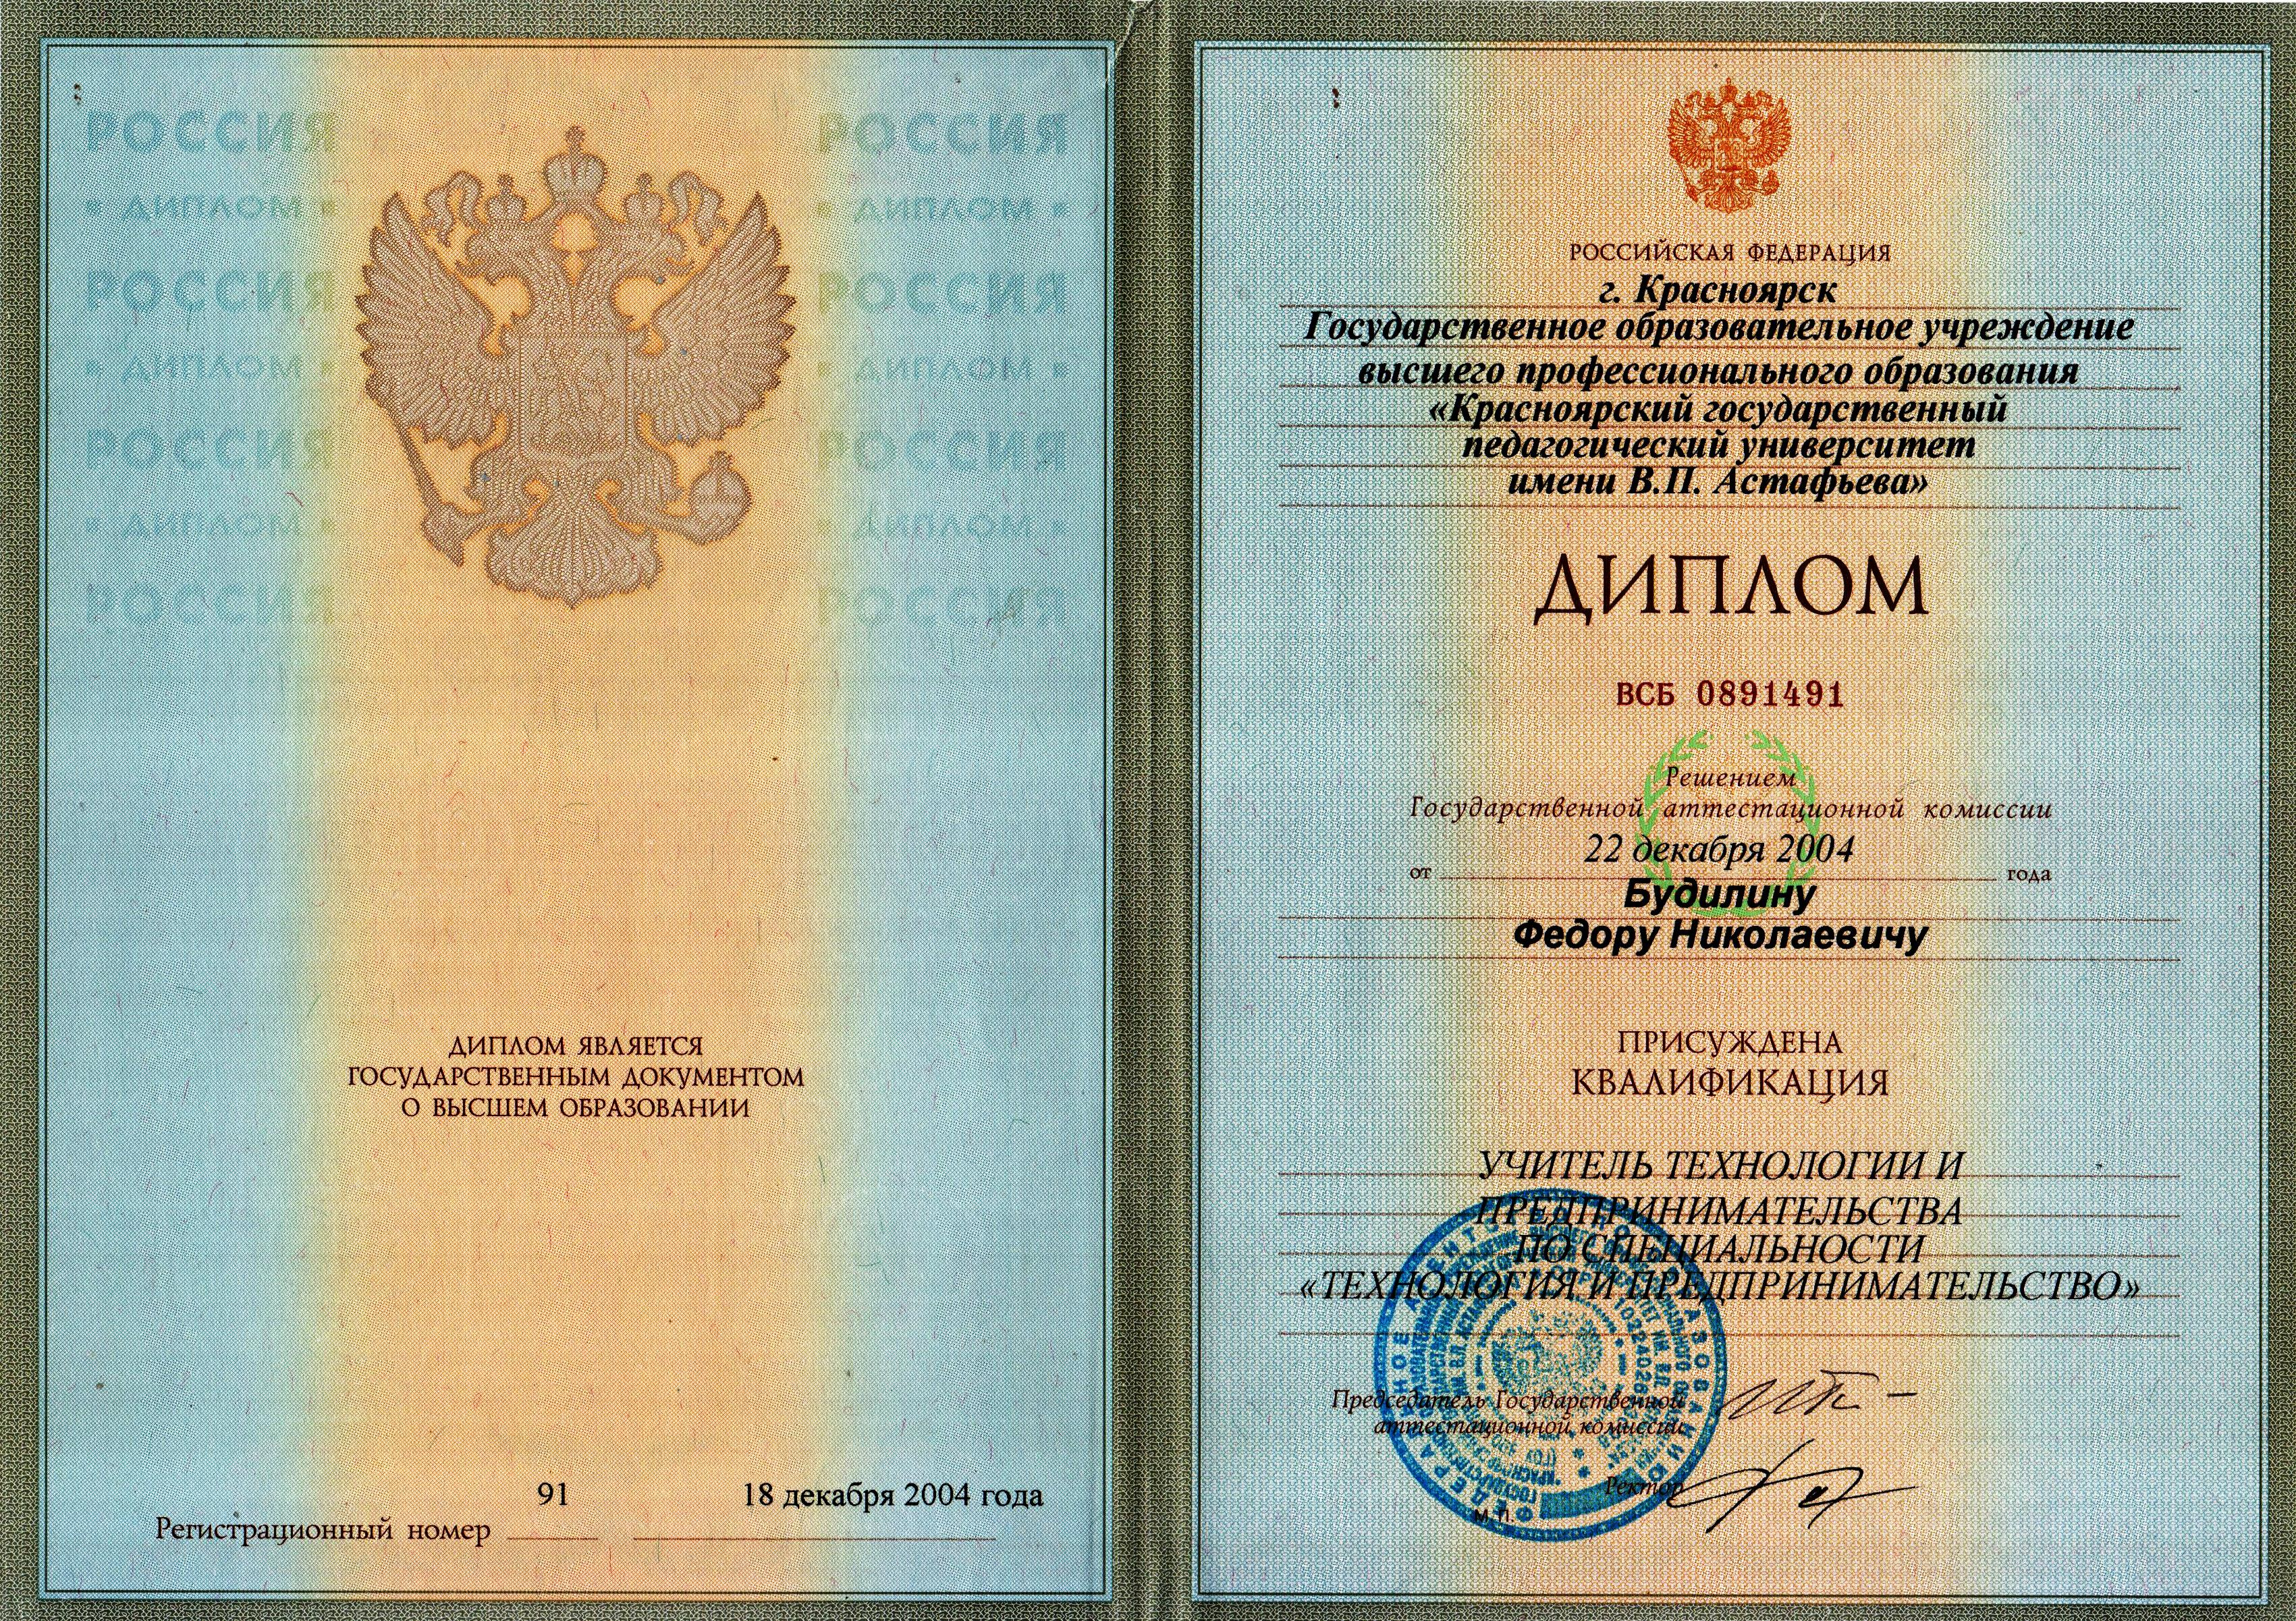 МОБУ Мельничная оош Будилин Федор Николаевич   диплом ВСБ 0891491